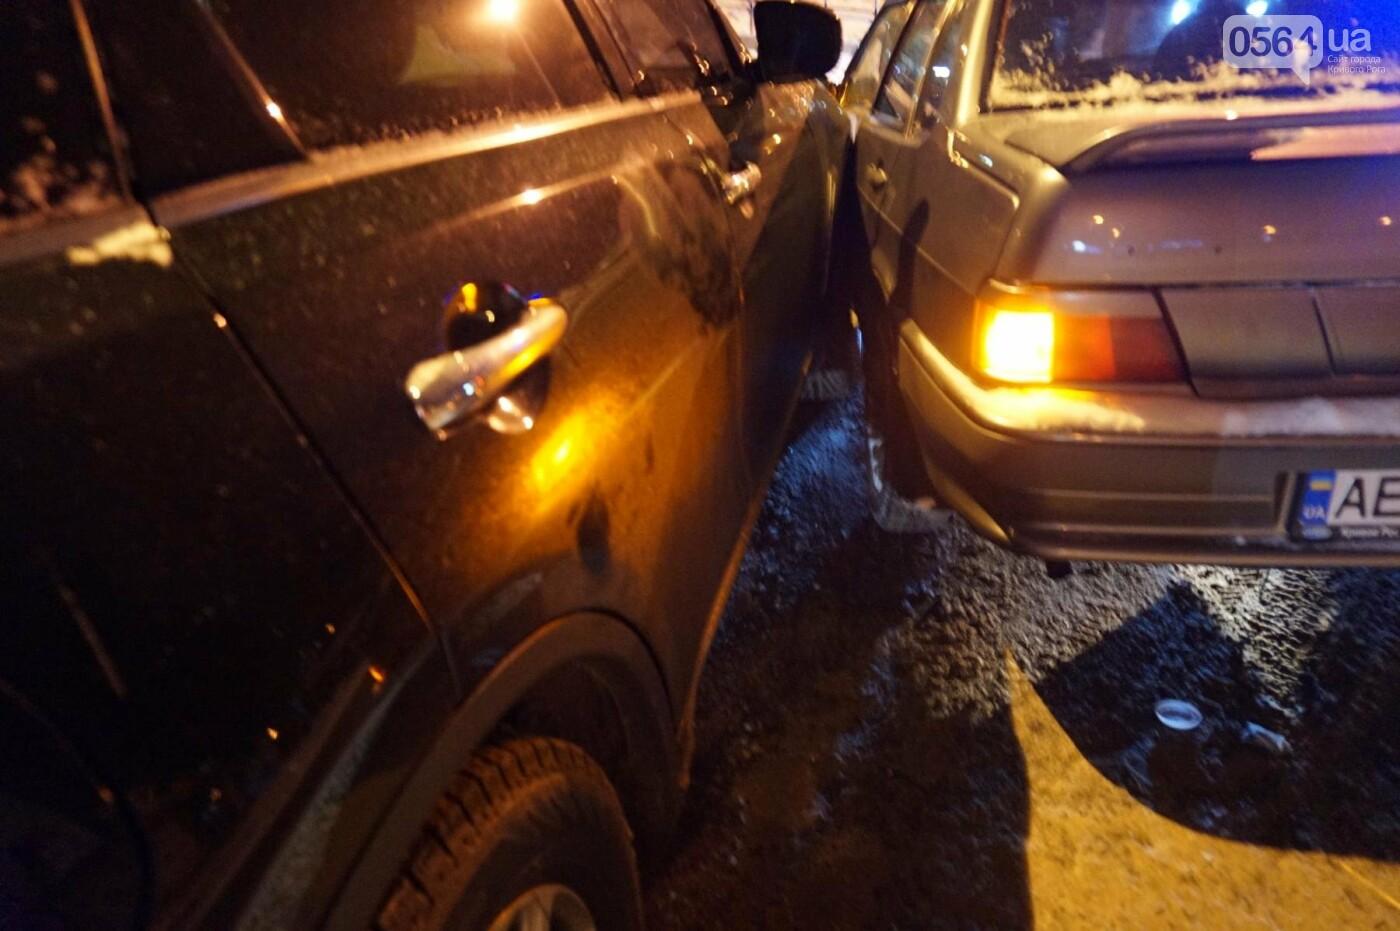 ДТП в Кривом Роге: Перед пешеходным переходом столкнулись ВАЗ и Инфинити (ФОТО), фото-7